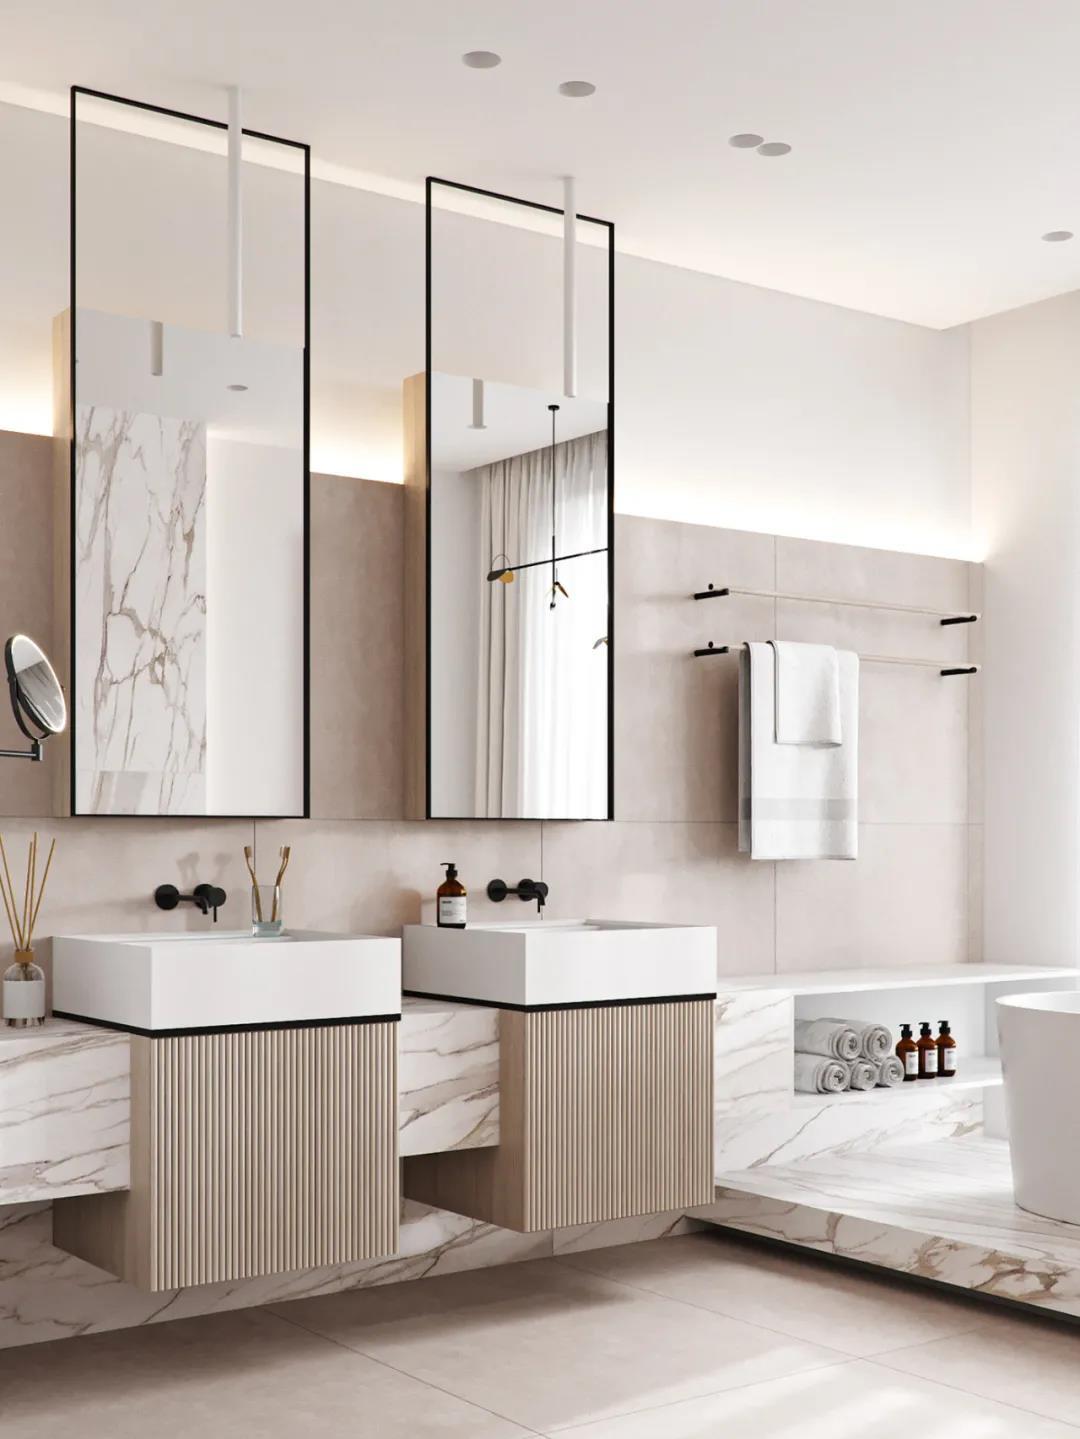 5大优点告诉你,卫生间排水为啥做墙排,看完我后悔了选了地排